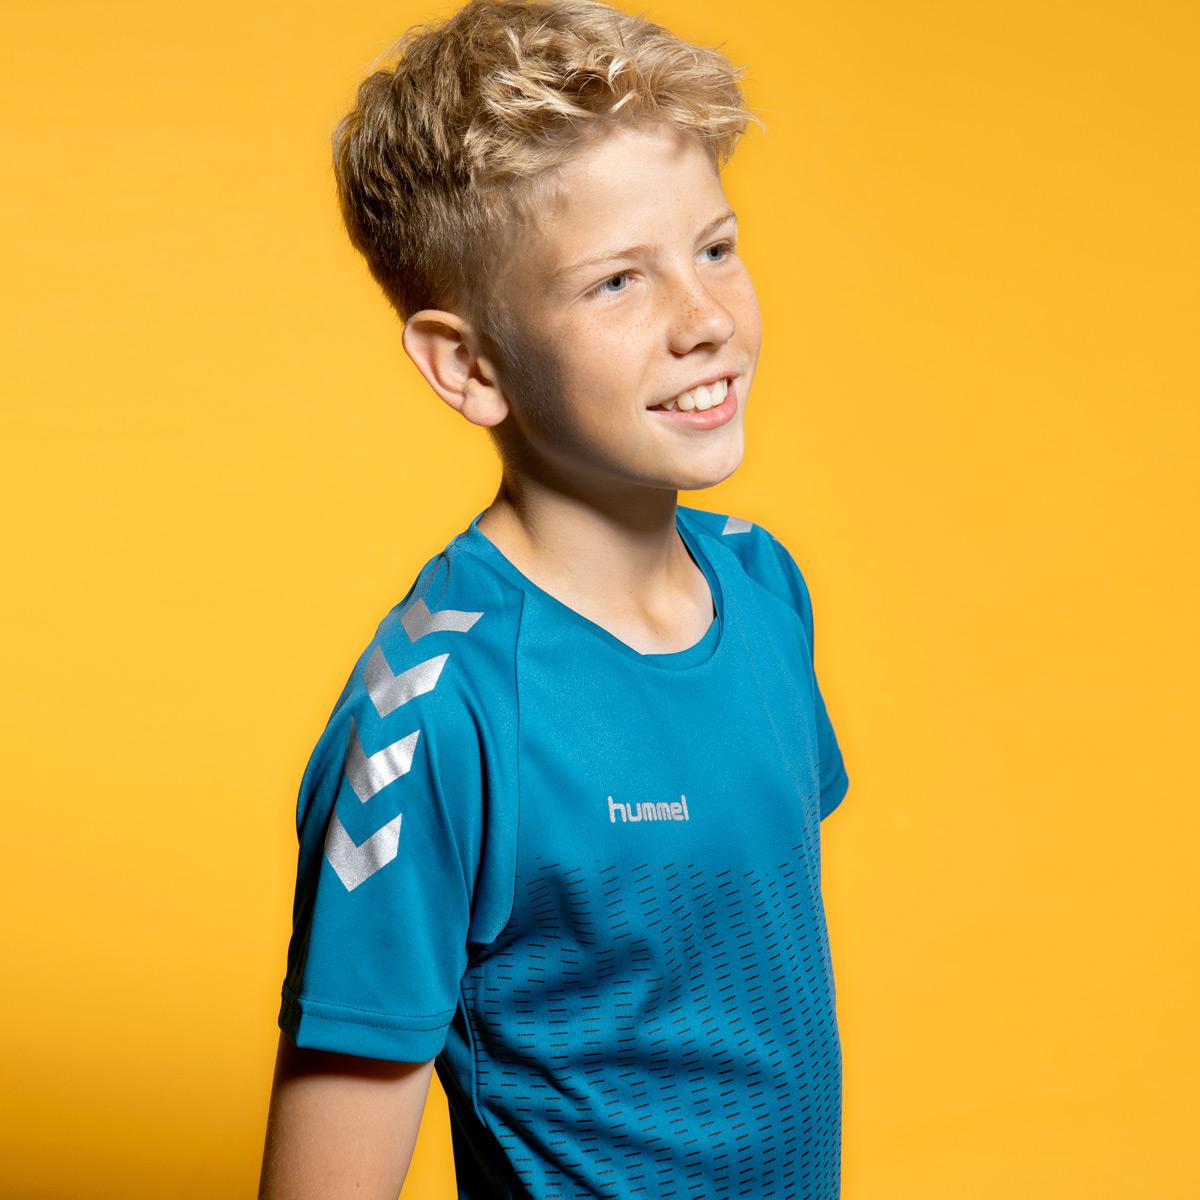 hummel Challenger Trænings T-shirt Børn